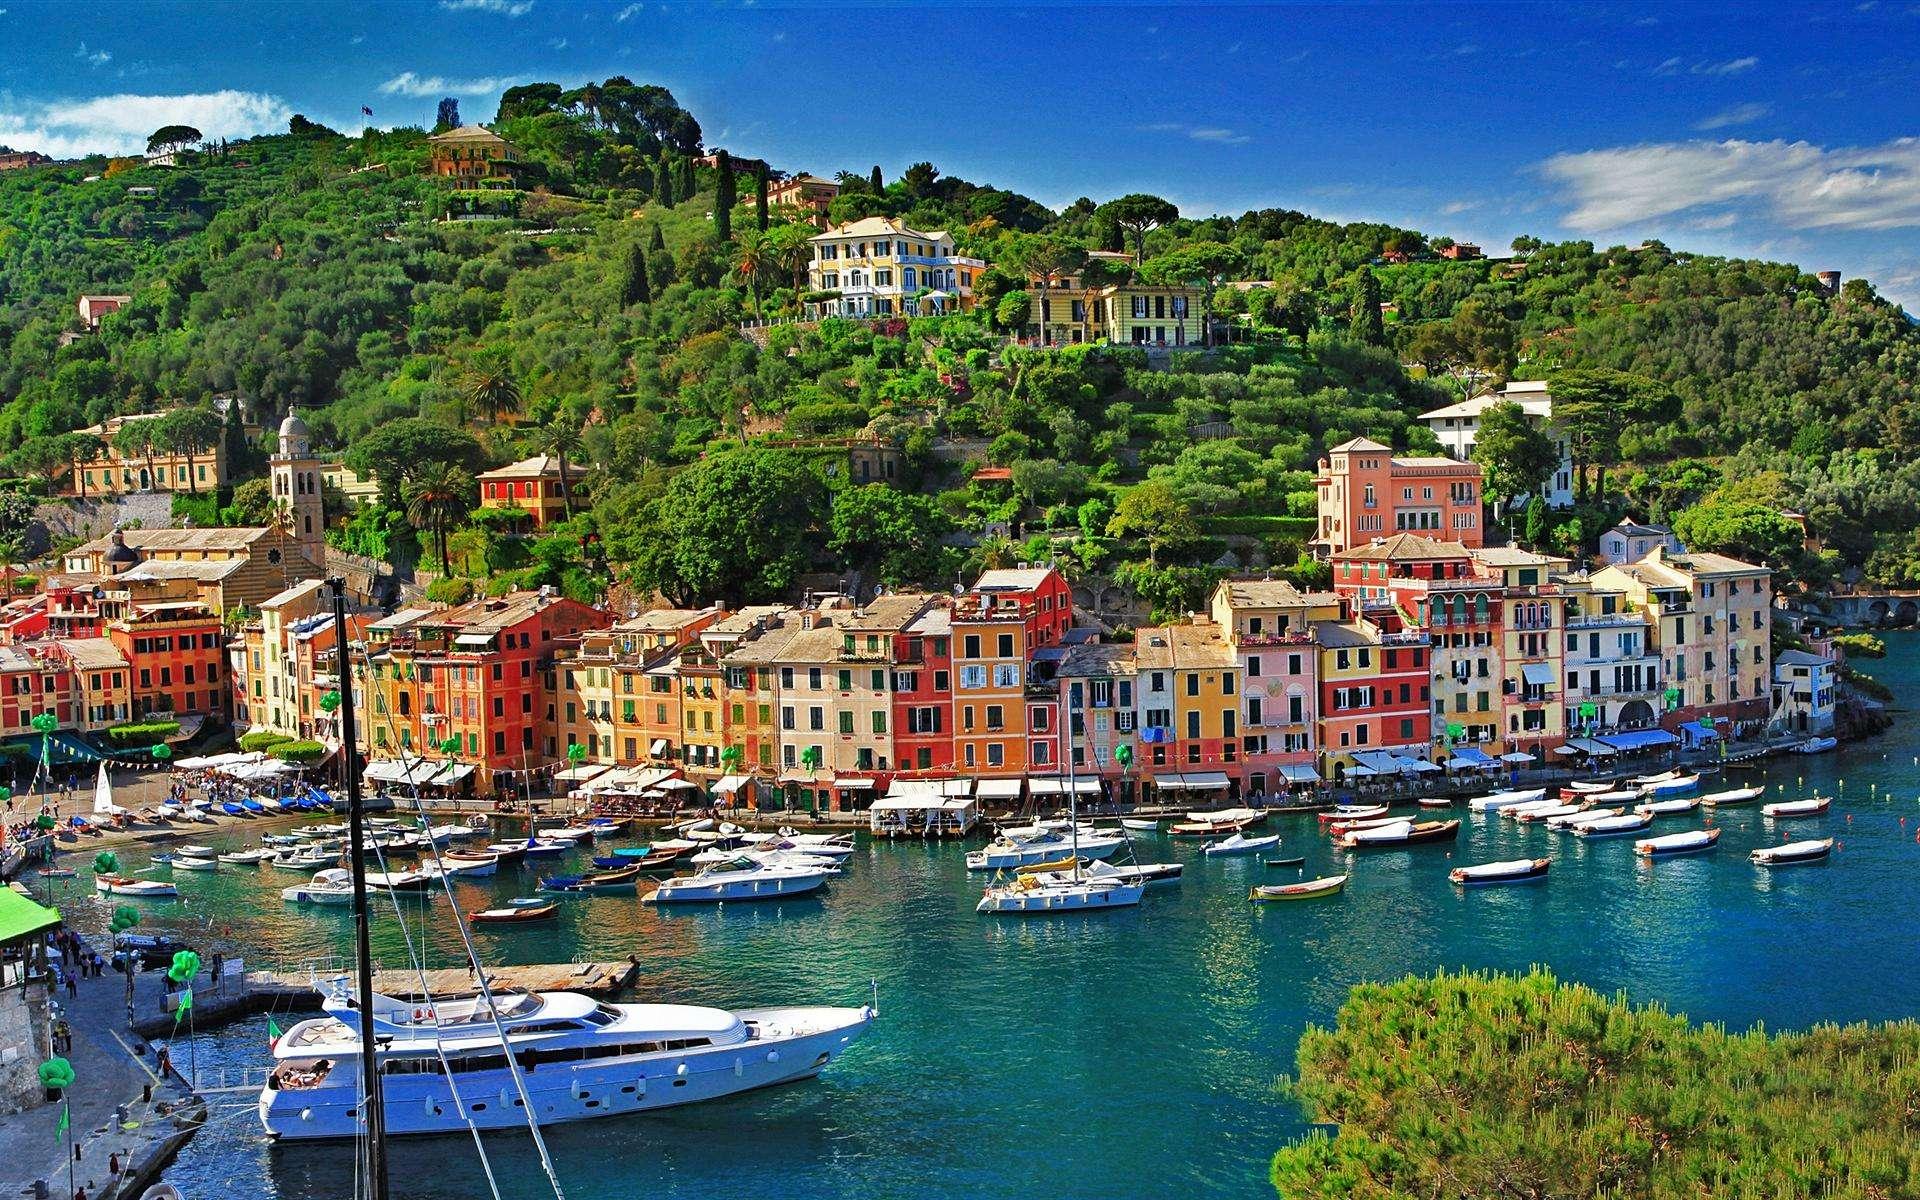 意大利北部除了那着名的两大城市,你还知道哪些未被破坏的景观吗